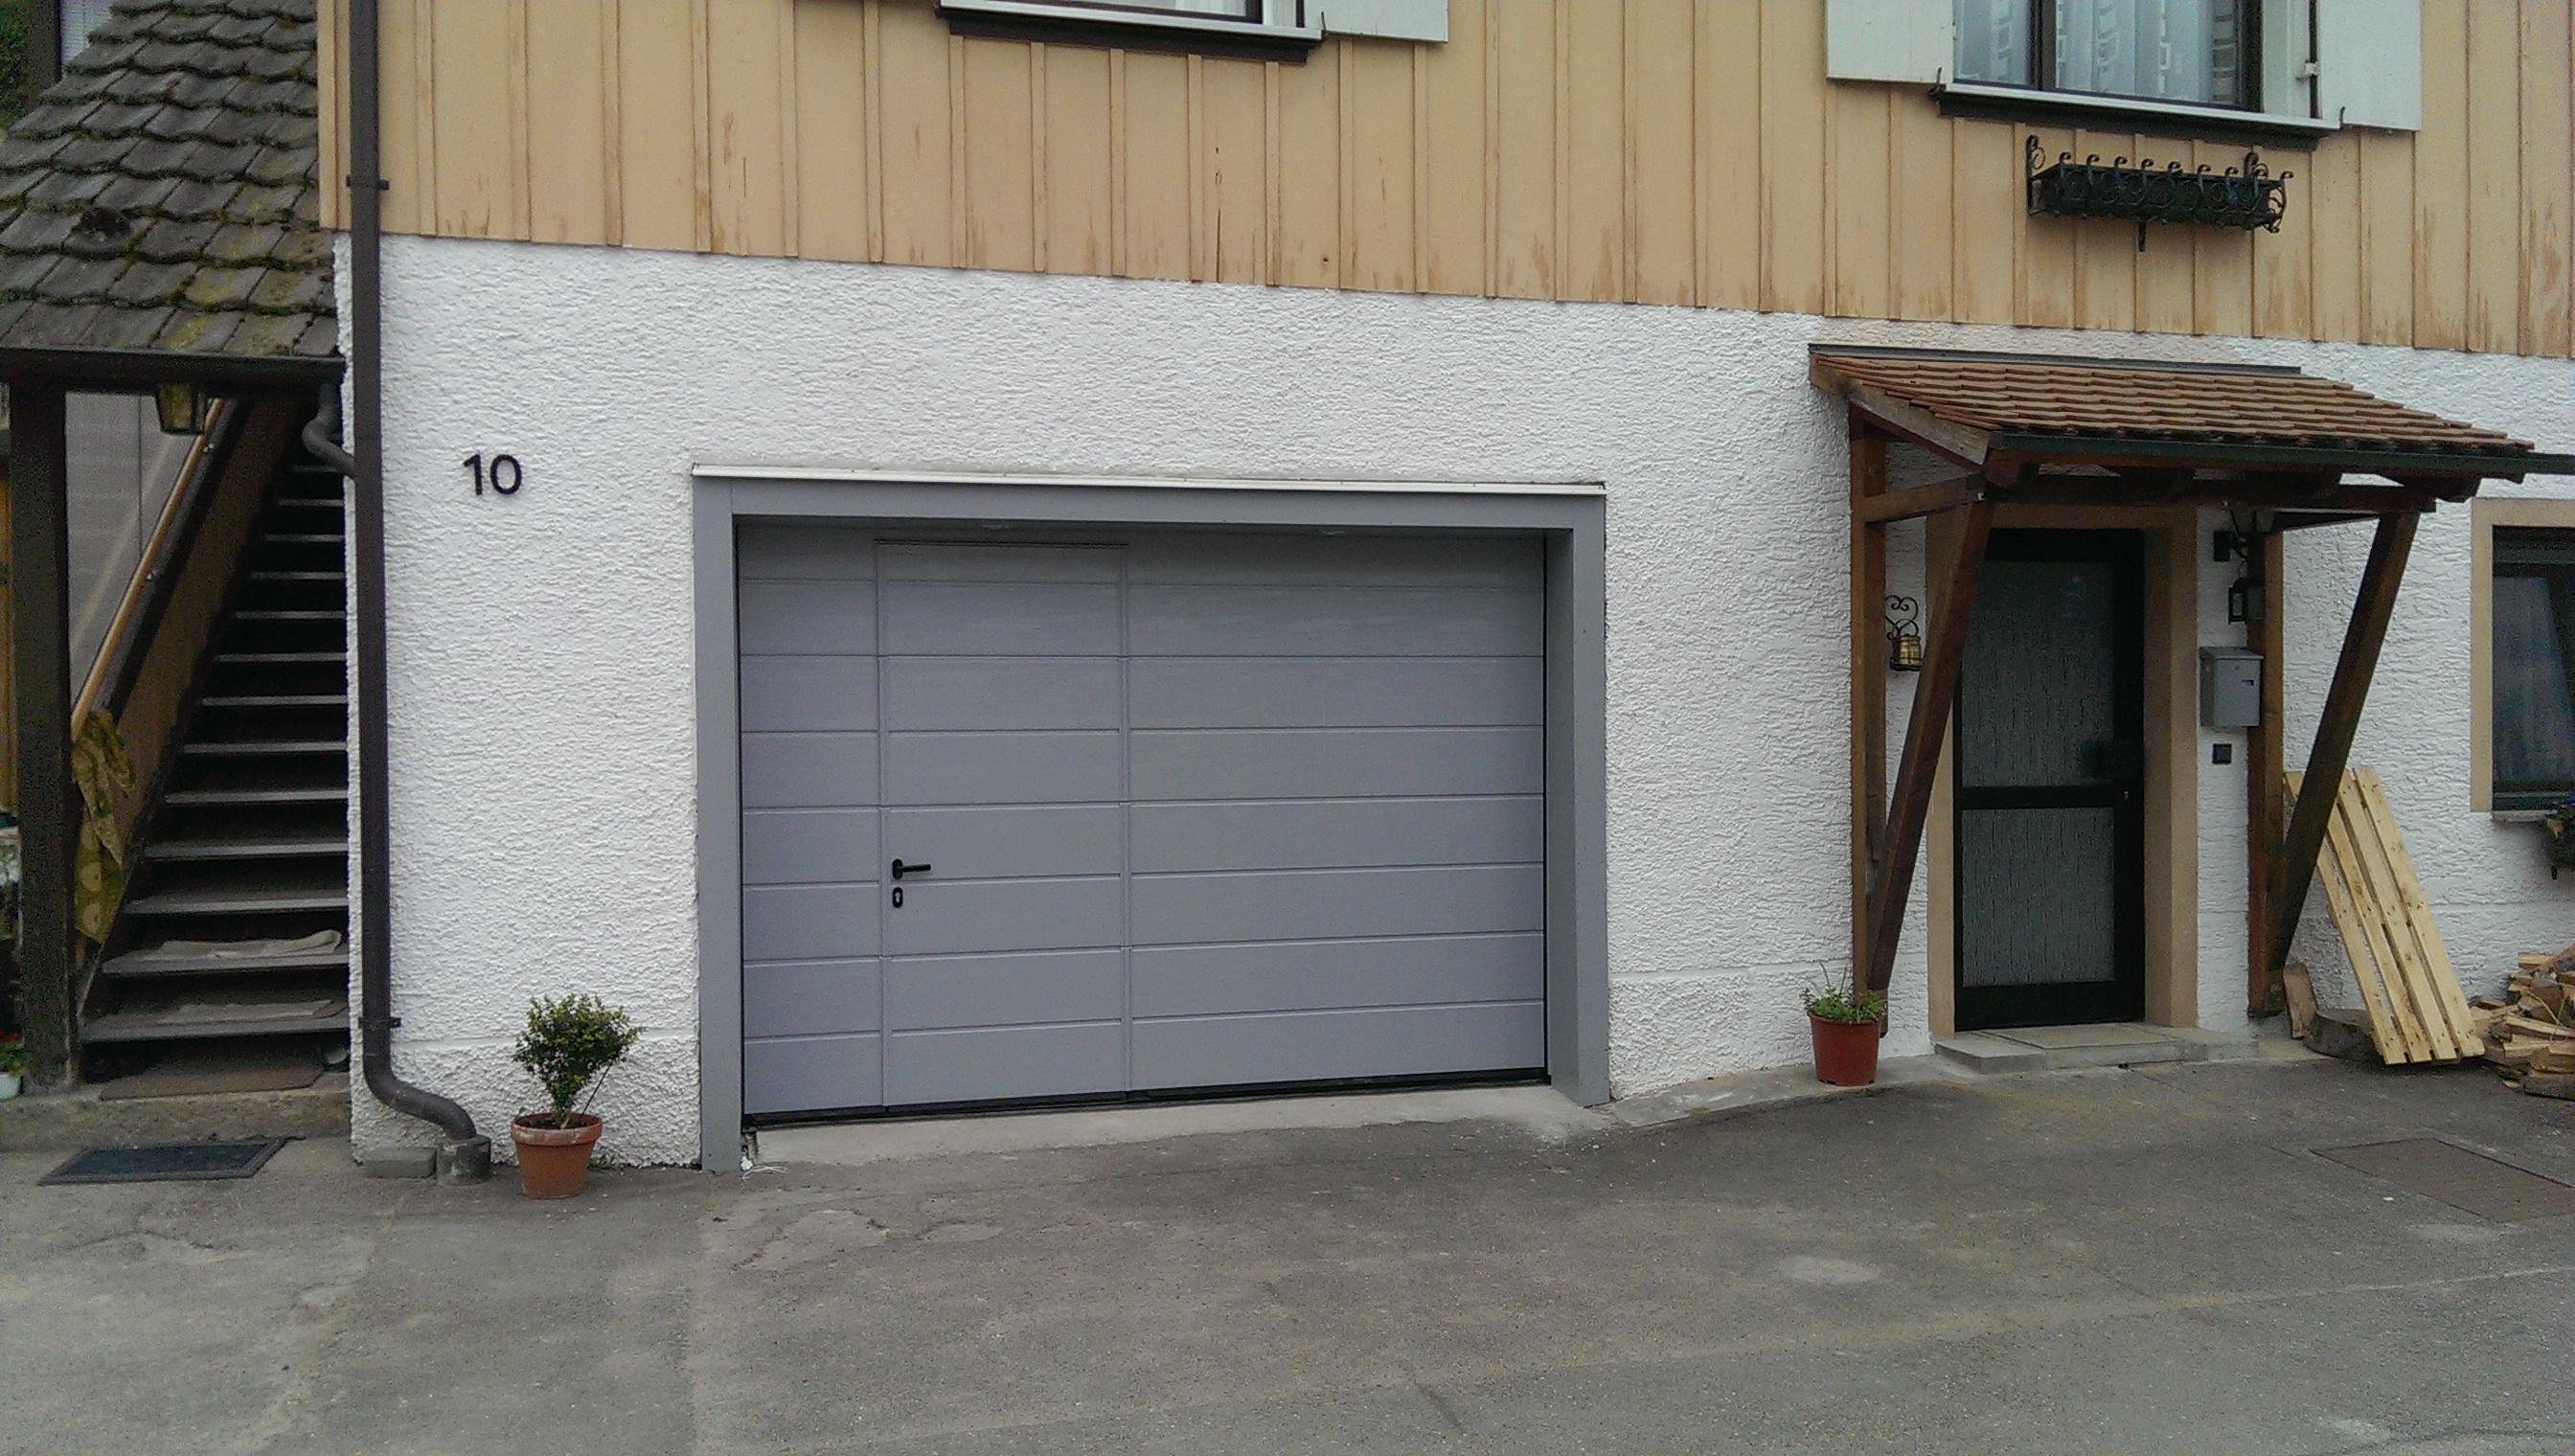 materialien f r ausbauarbeiten renovierung garagentor. Black Bedroom Furniture Sets. Home Design Ideas